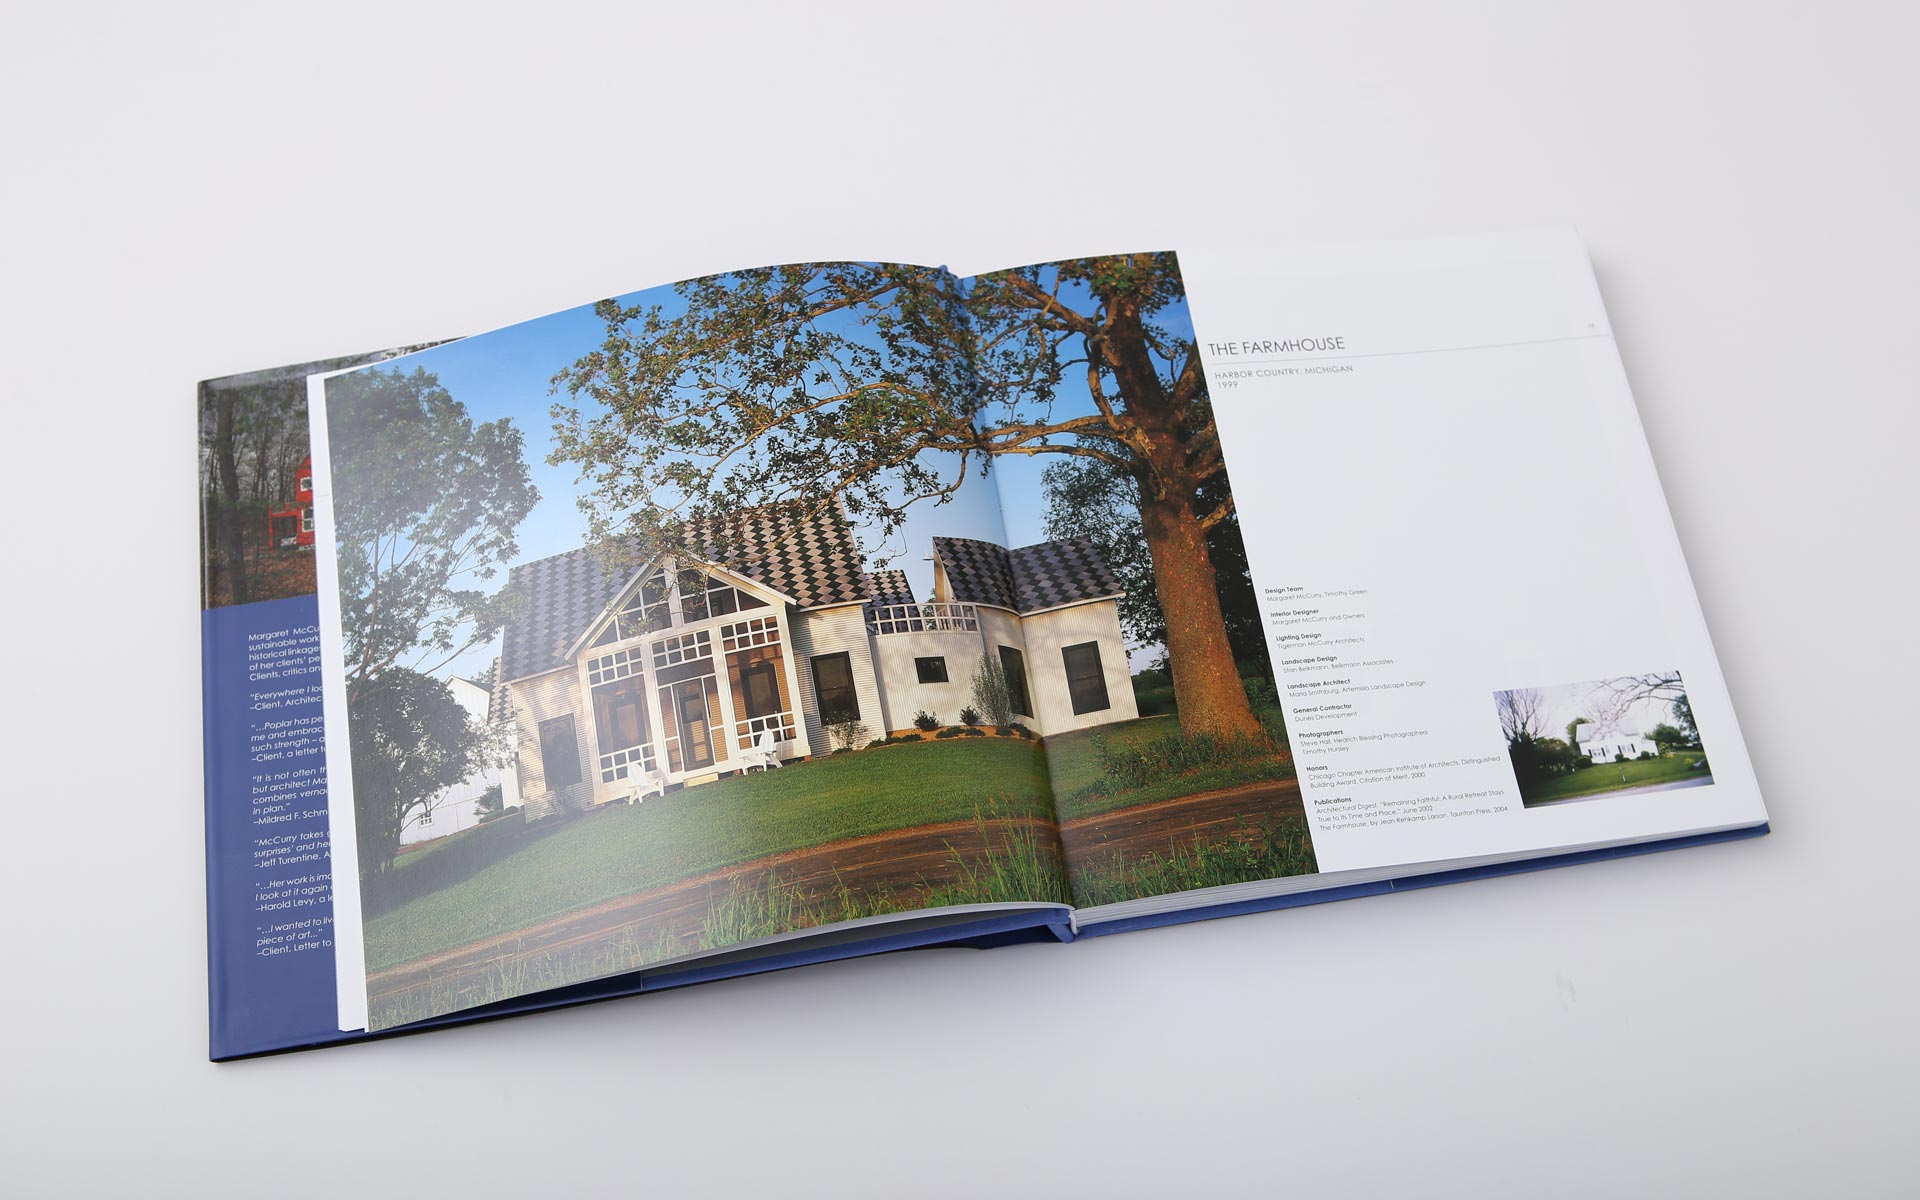 women-in-architecture-book-design-10